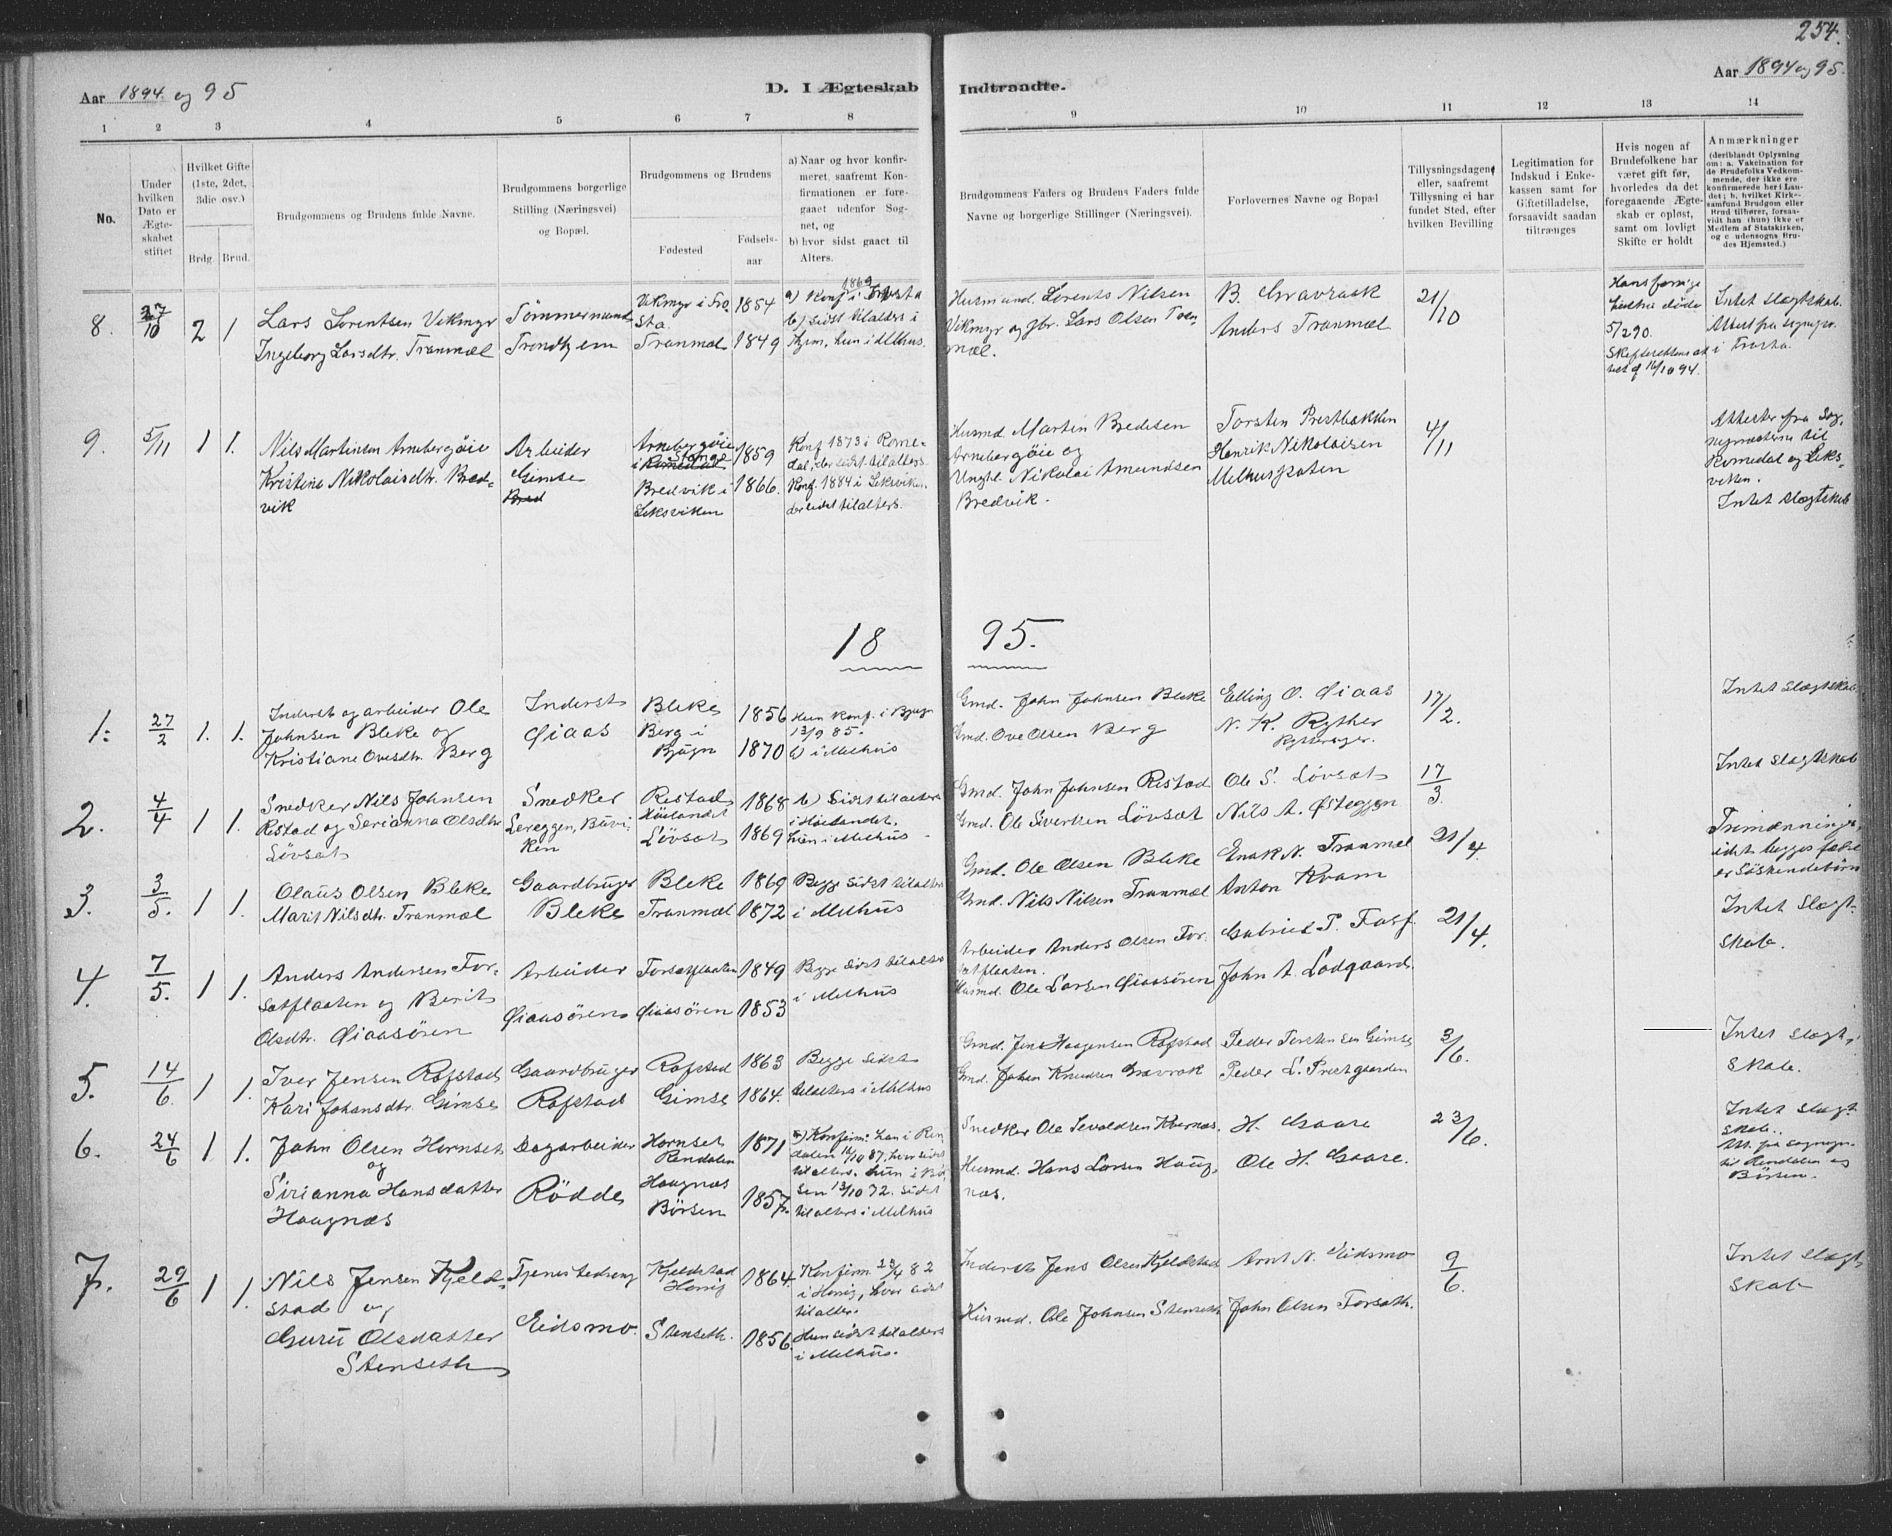 SAT, Ministerialprotokoller, klokkerbøker og fødselsregistre - Sør-Trøndelag, 691/L1085: Ministerialbok nr. 691A17, 1887-1908, s. 254